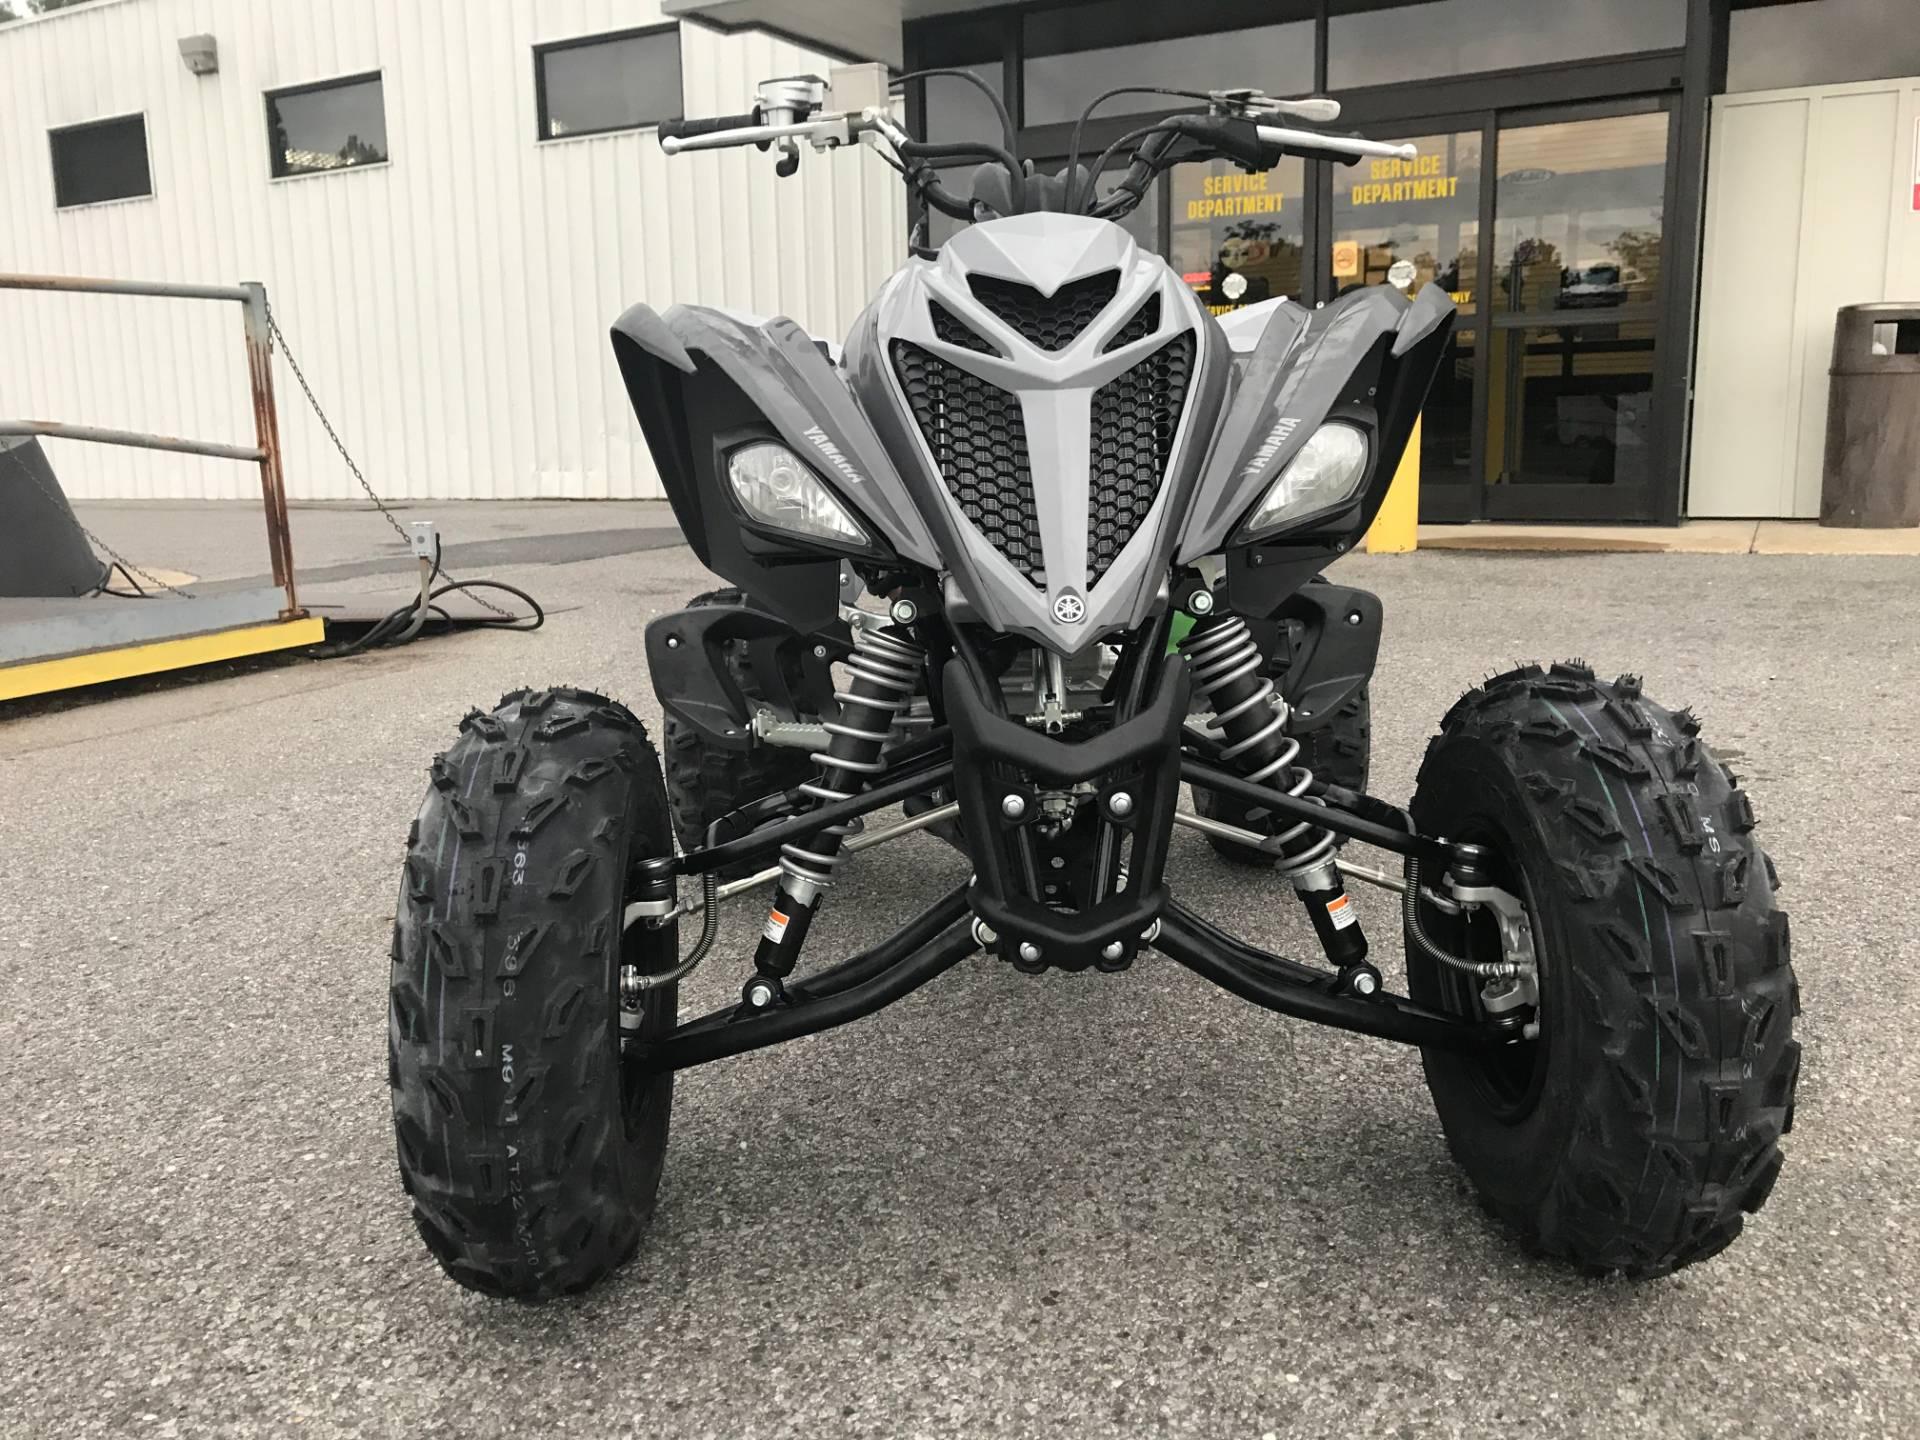 2018 Yamaha Raptor 700 4